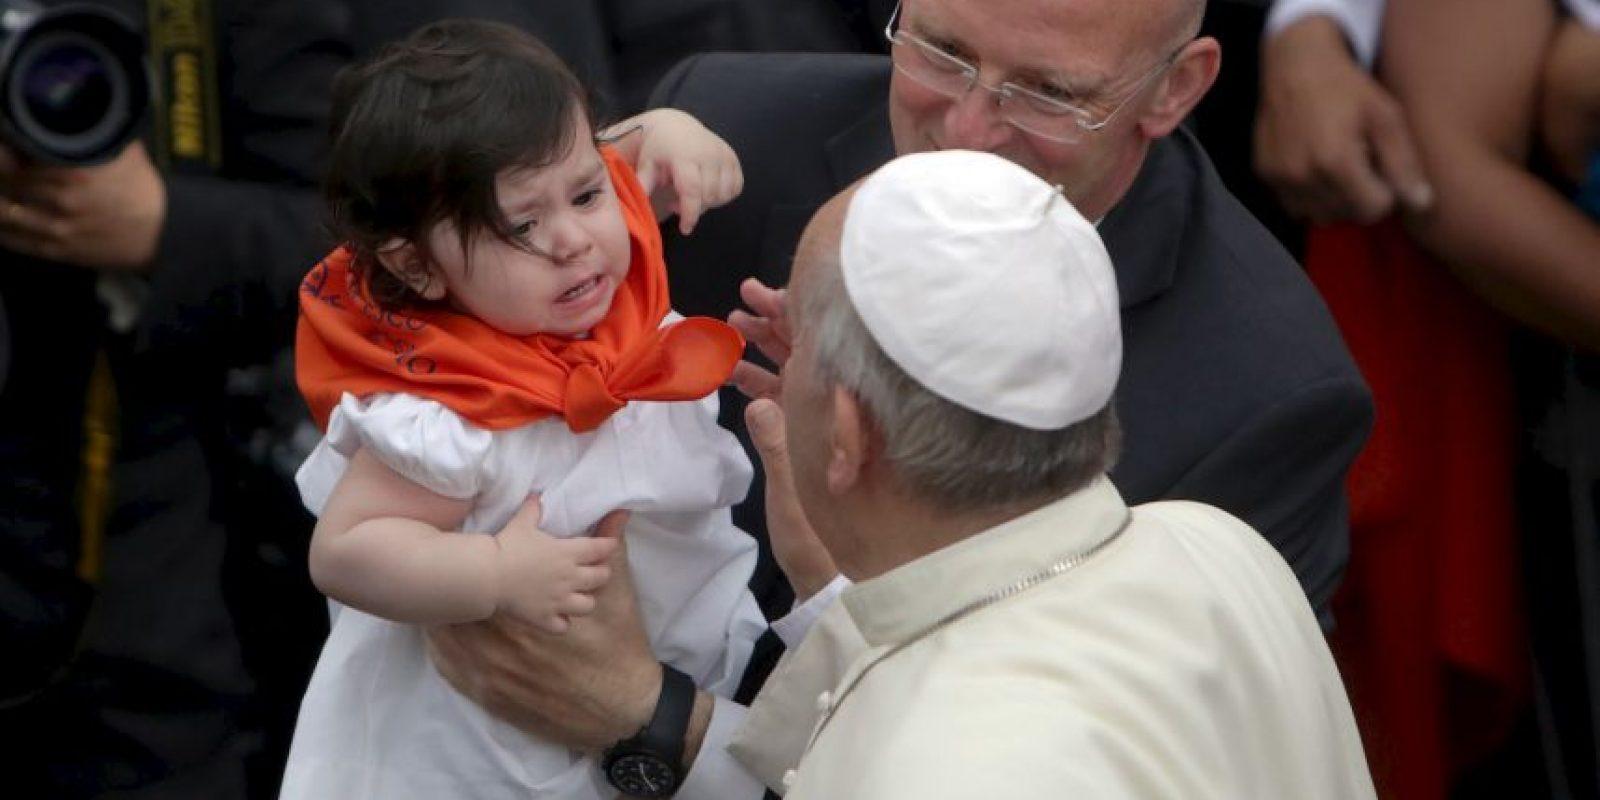 """""""Sucedió solo. El mérito es de ellos, que hicieron esto. Nosotros no hicimos casi nada, solo pequeñas cosas. Y a mediados de diciembre fue anunciado. Esta es la historia. En serio, no hay más"""", manifestó el Papa Francisco. Foto:Getty Images"""